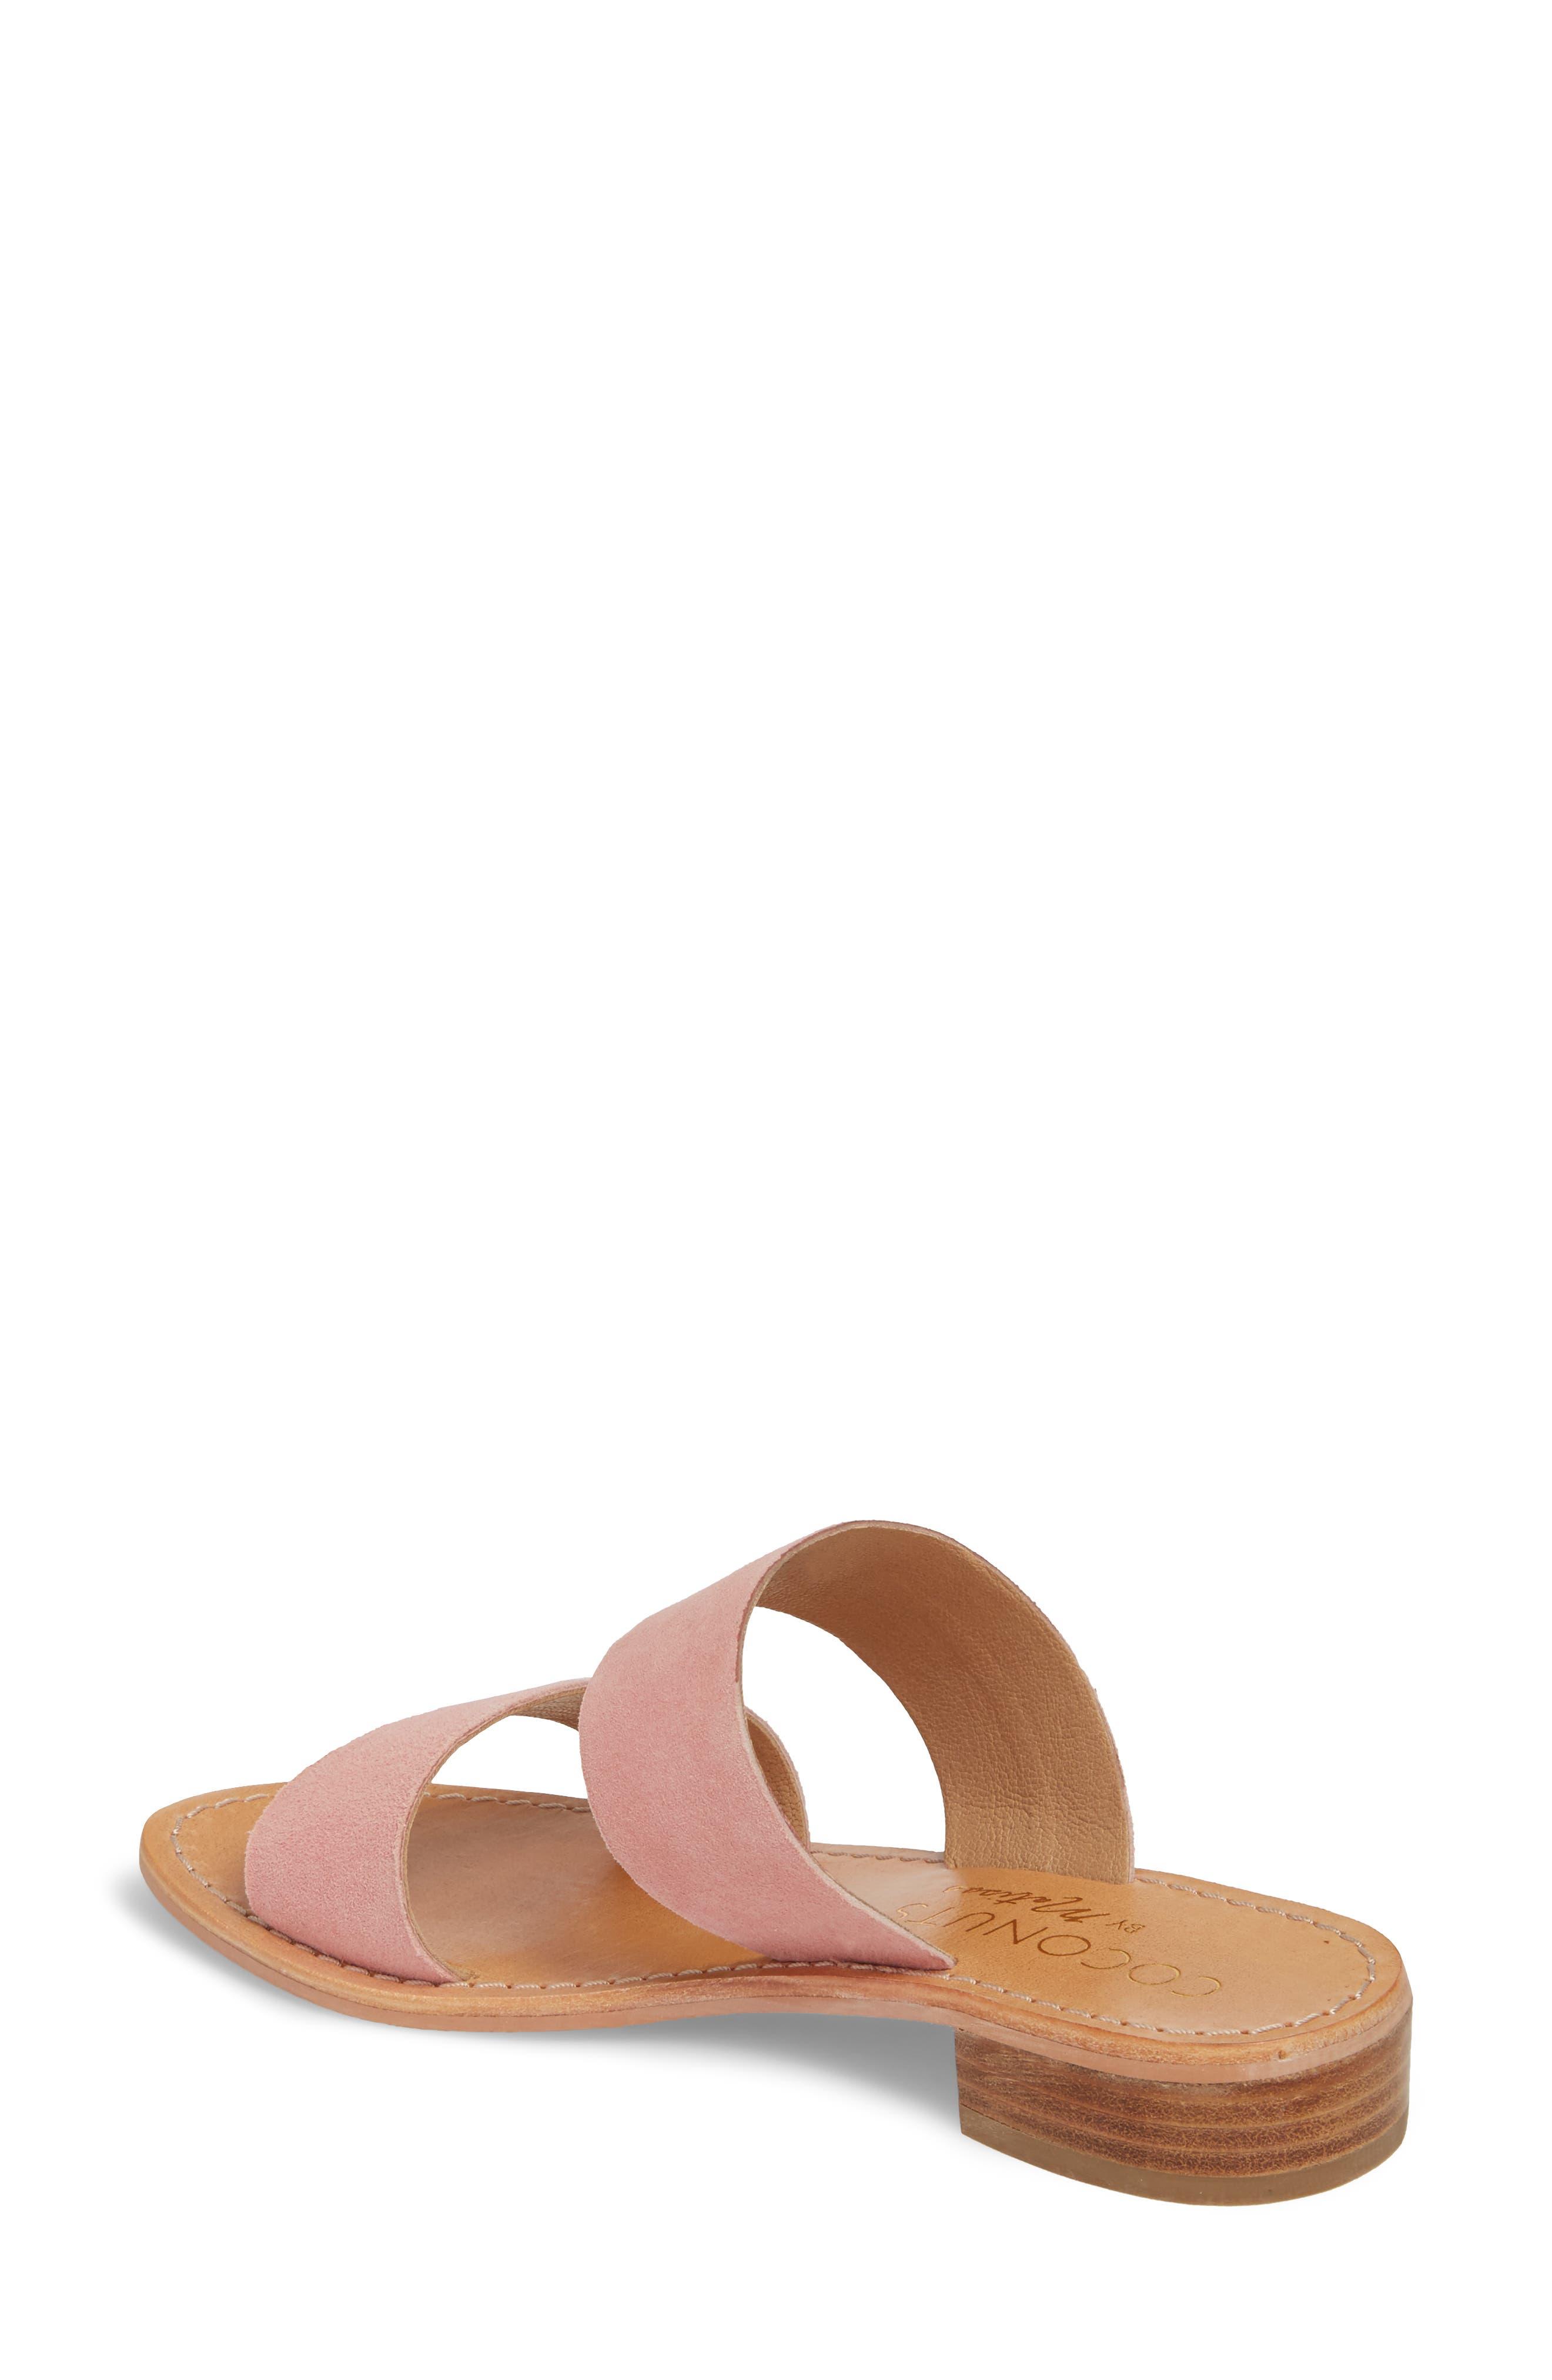 Limelight Slide Sandal,                             Alternate thumbnail 7, color,